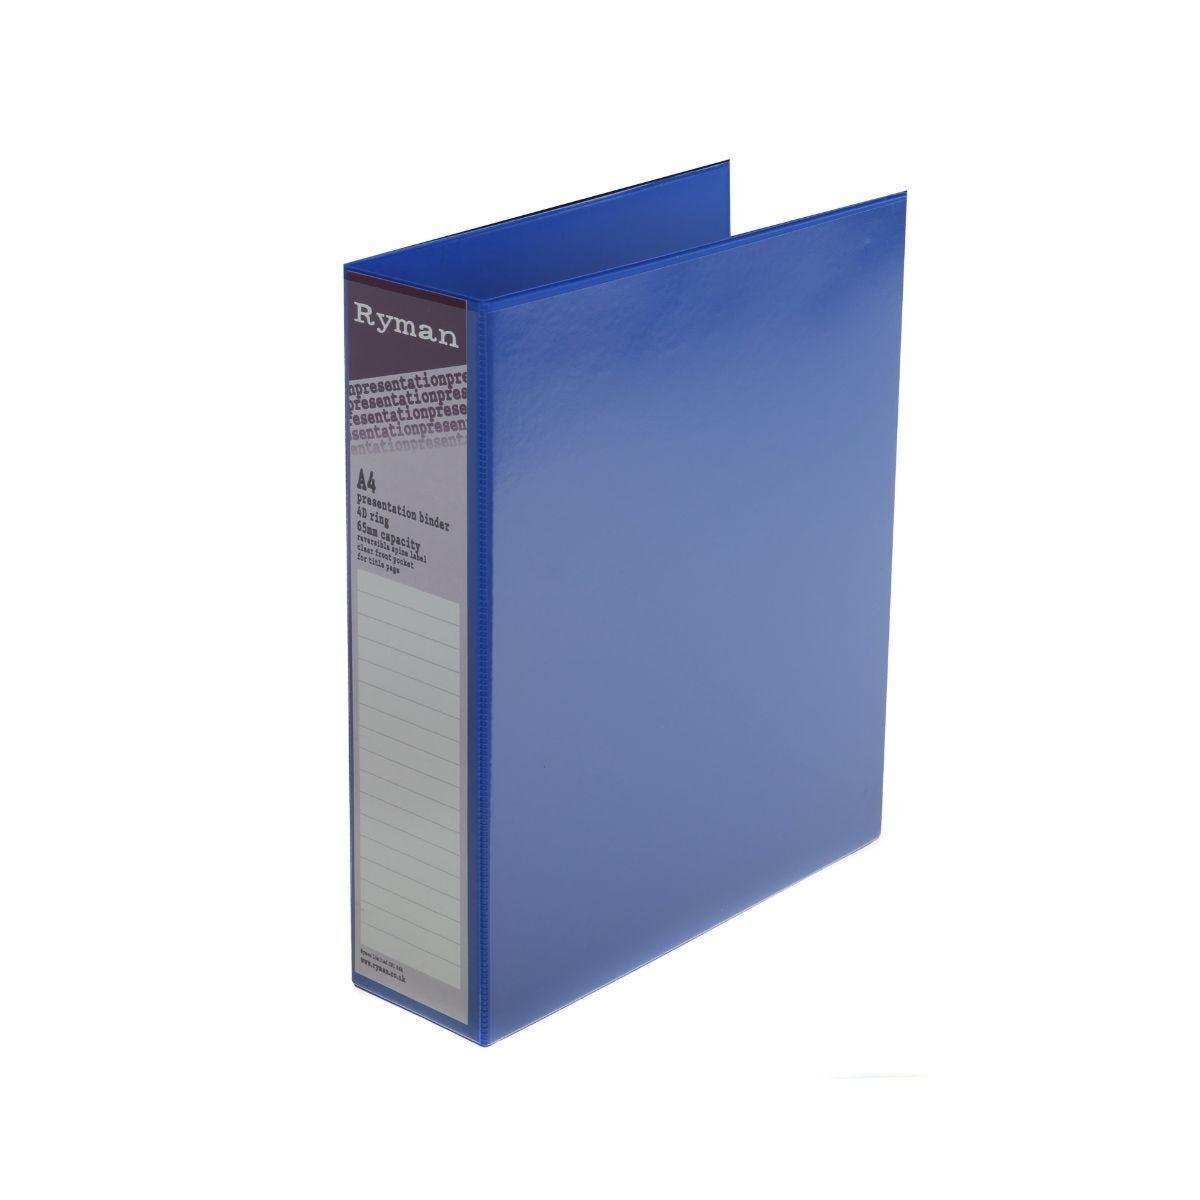 Ryman Presentation Binder A4 4D 65mm